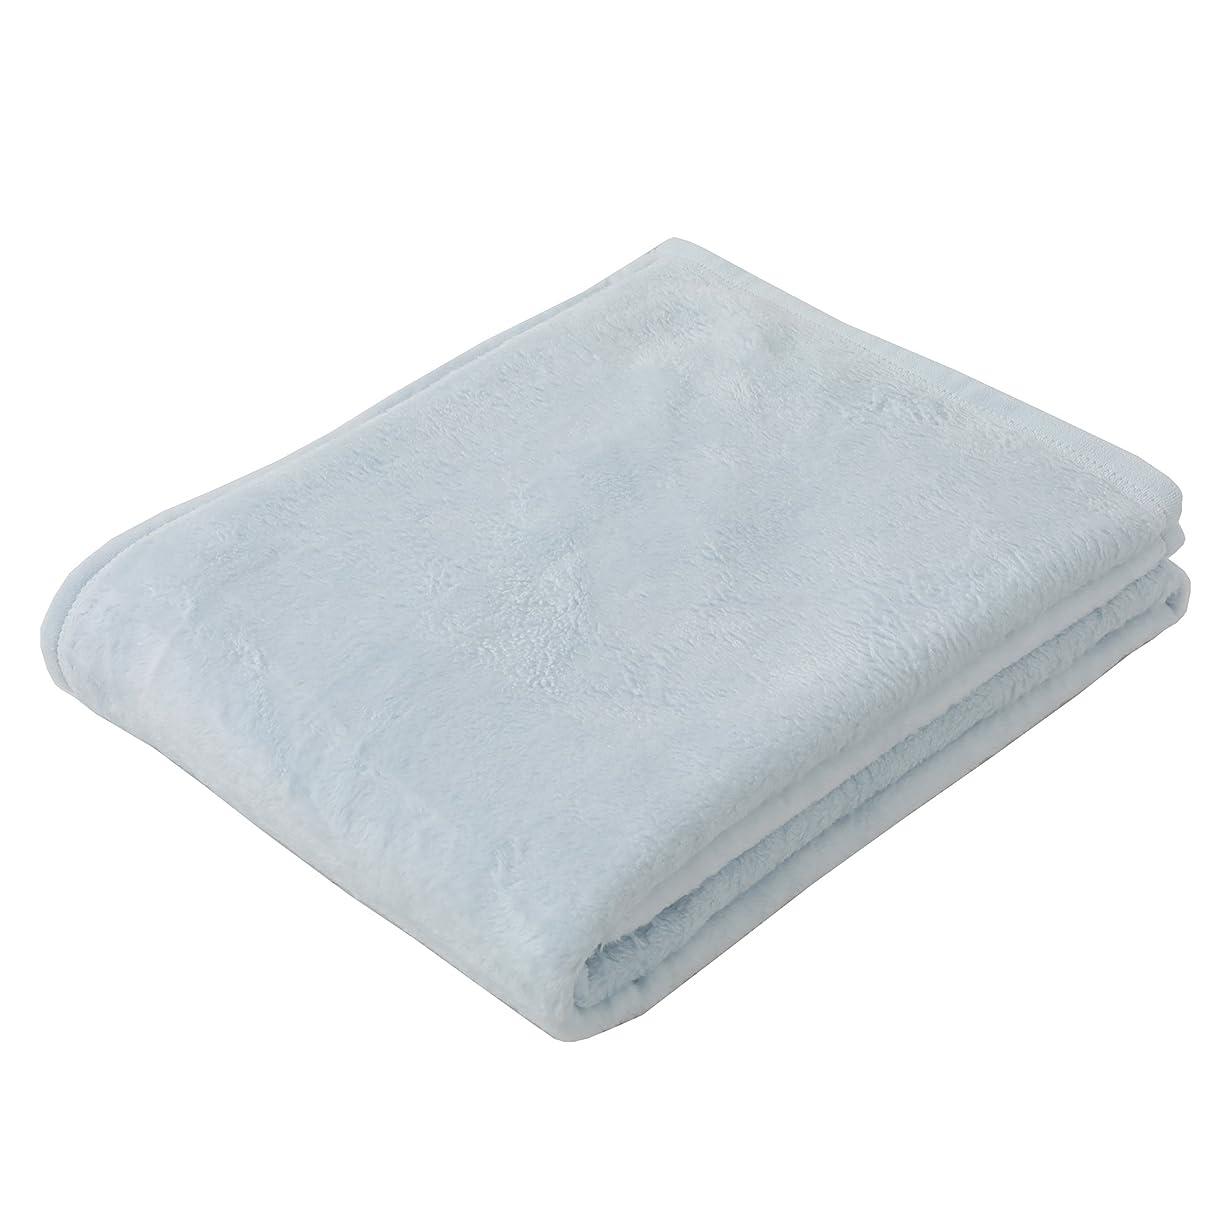 ストレンジャー資産活性化する東京西川 毛布 シングル 綿100%(毛羽部分) ふわっとやわらか ボーテ 日本製 無地 ブルー FQ07601053B